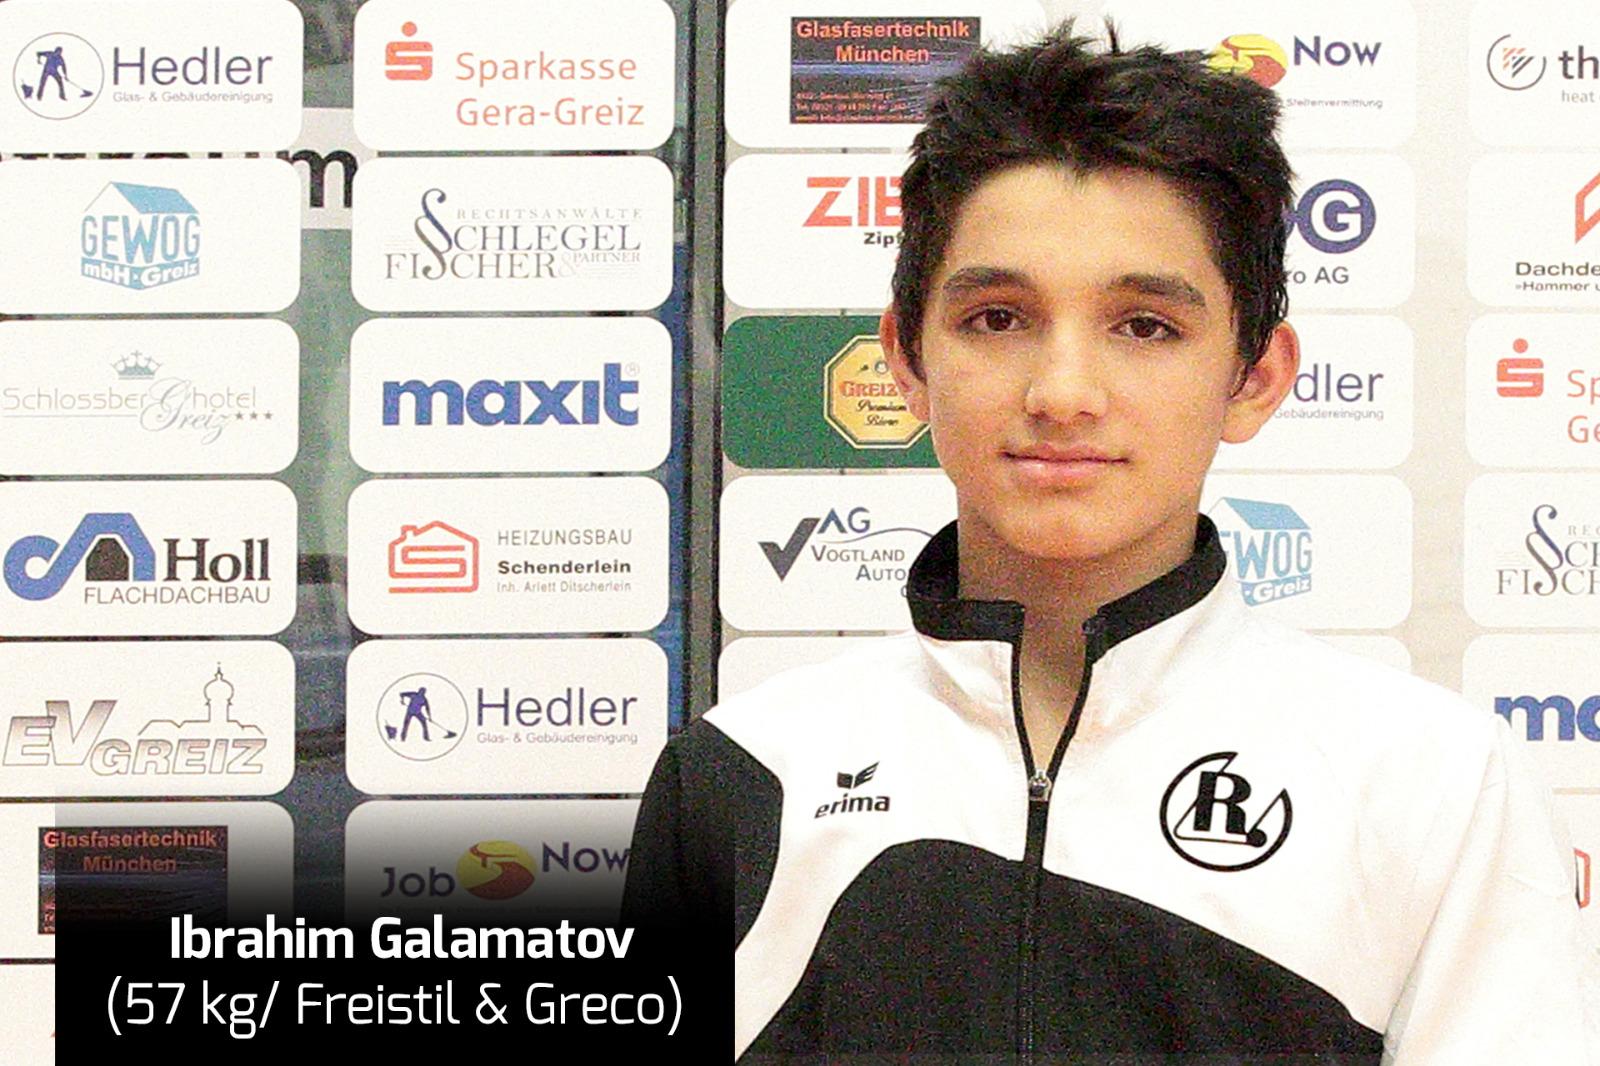 Ibrahim Galamatov